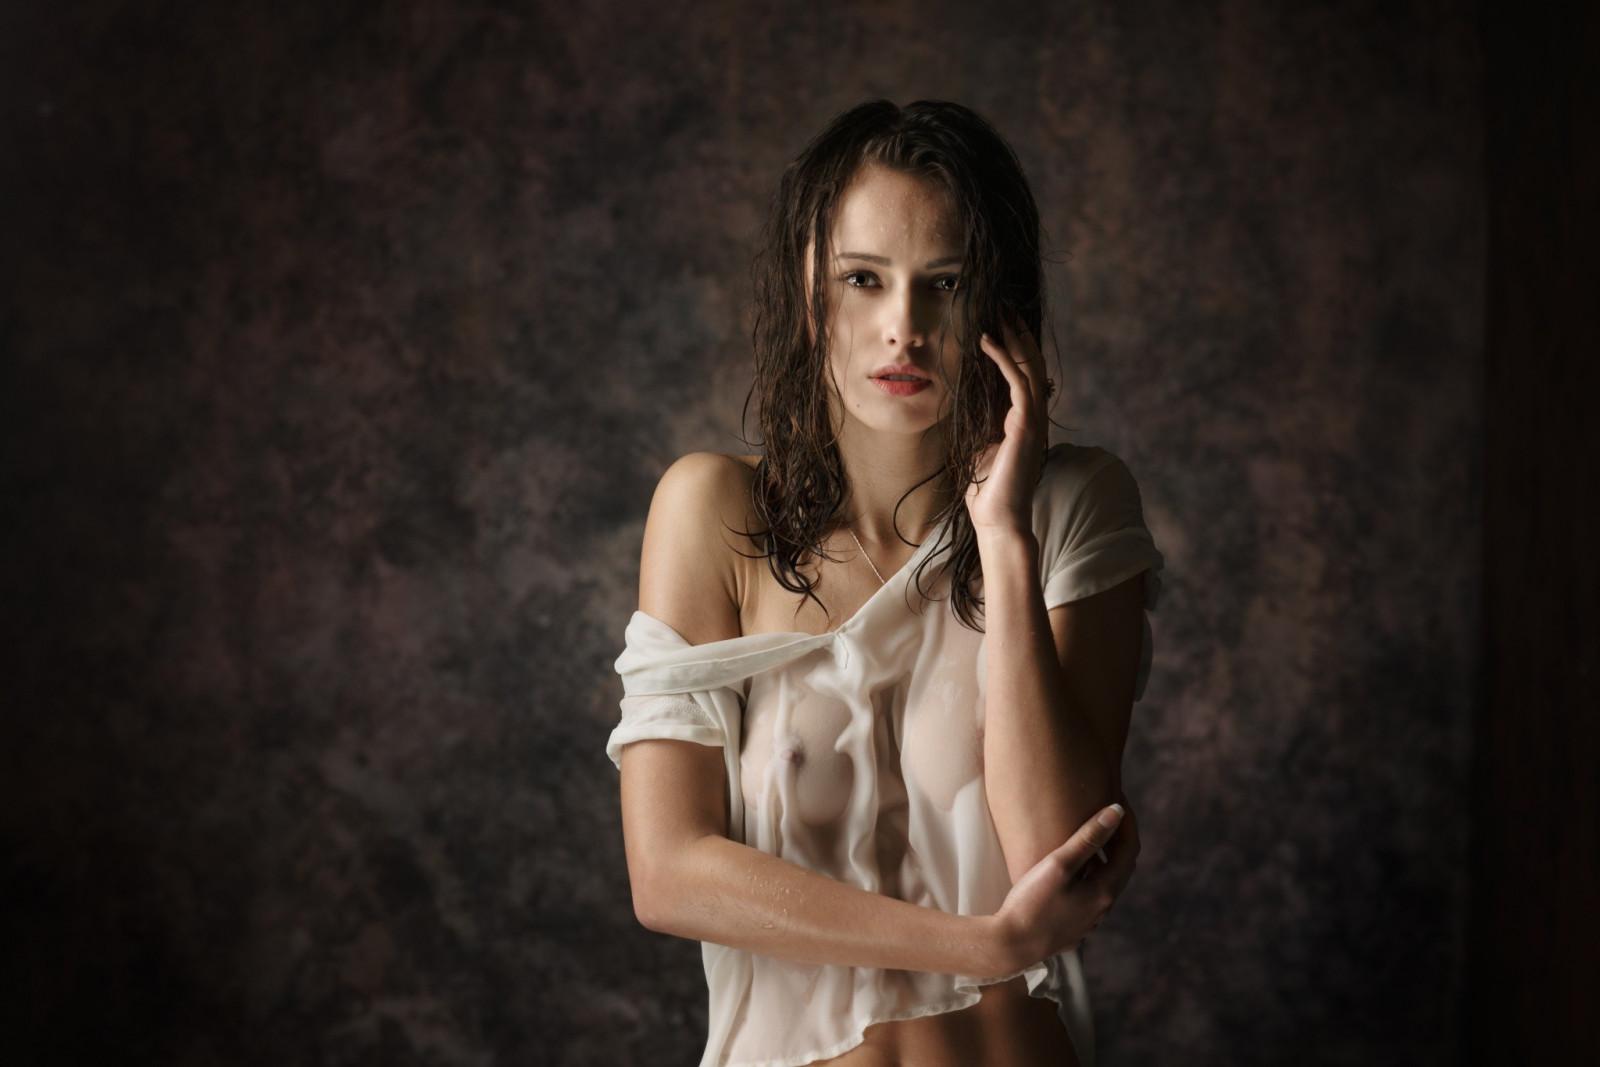 Nn girl see through shirt